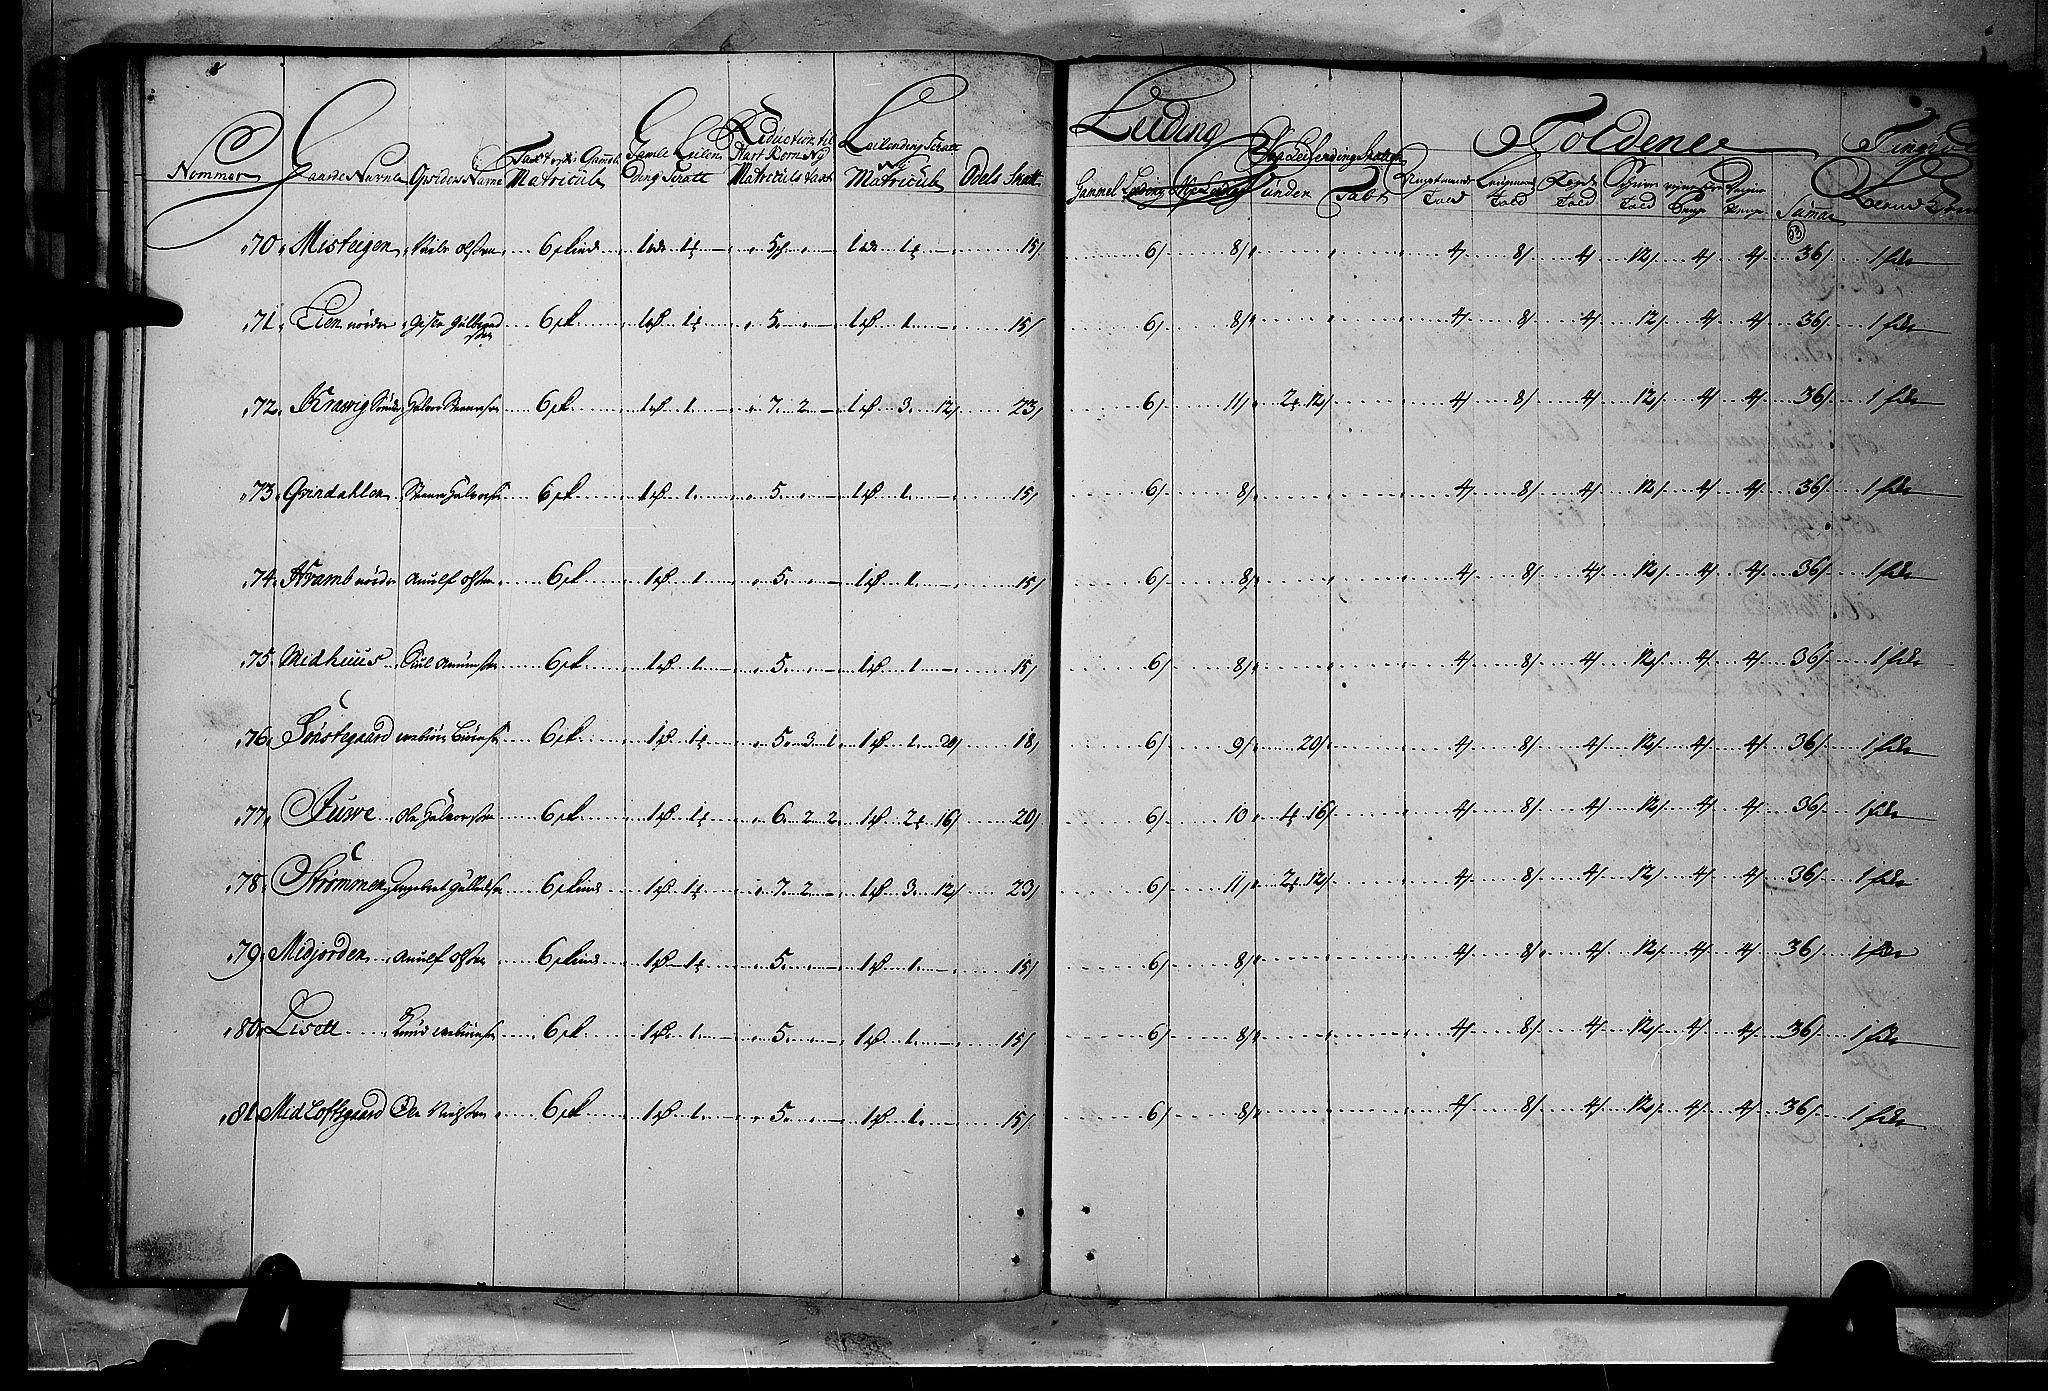 RA, Rentekammeret inntil 1814, Realistisk ordnet avdeling, N/Nb/Nbf/L0114: Numedal og Sandsvær matrikkelprotokoll, 1723, s. 54